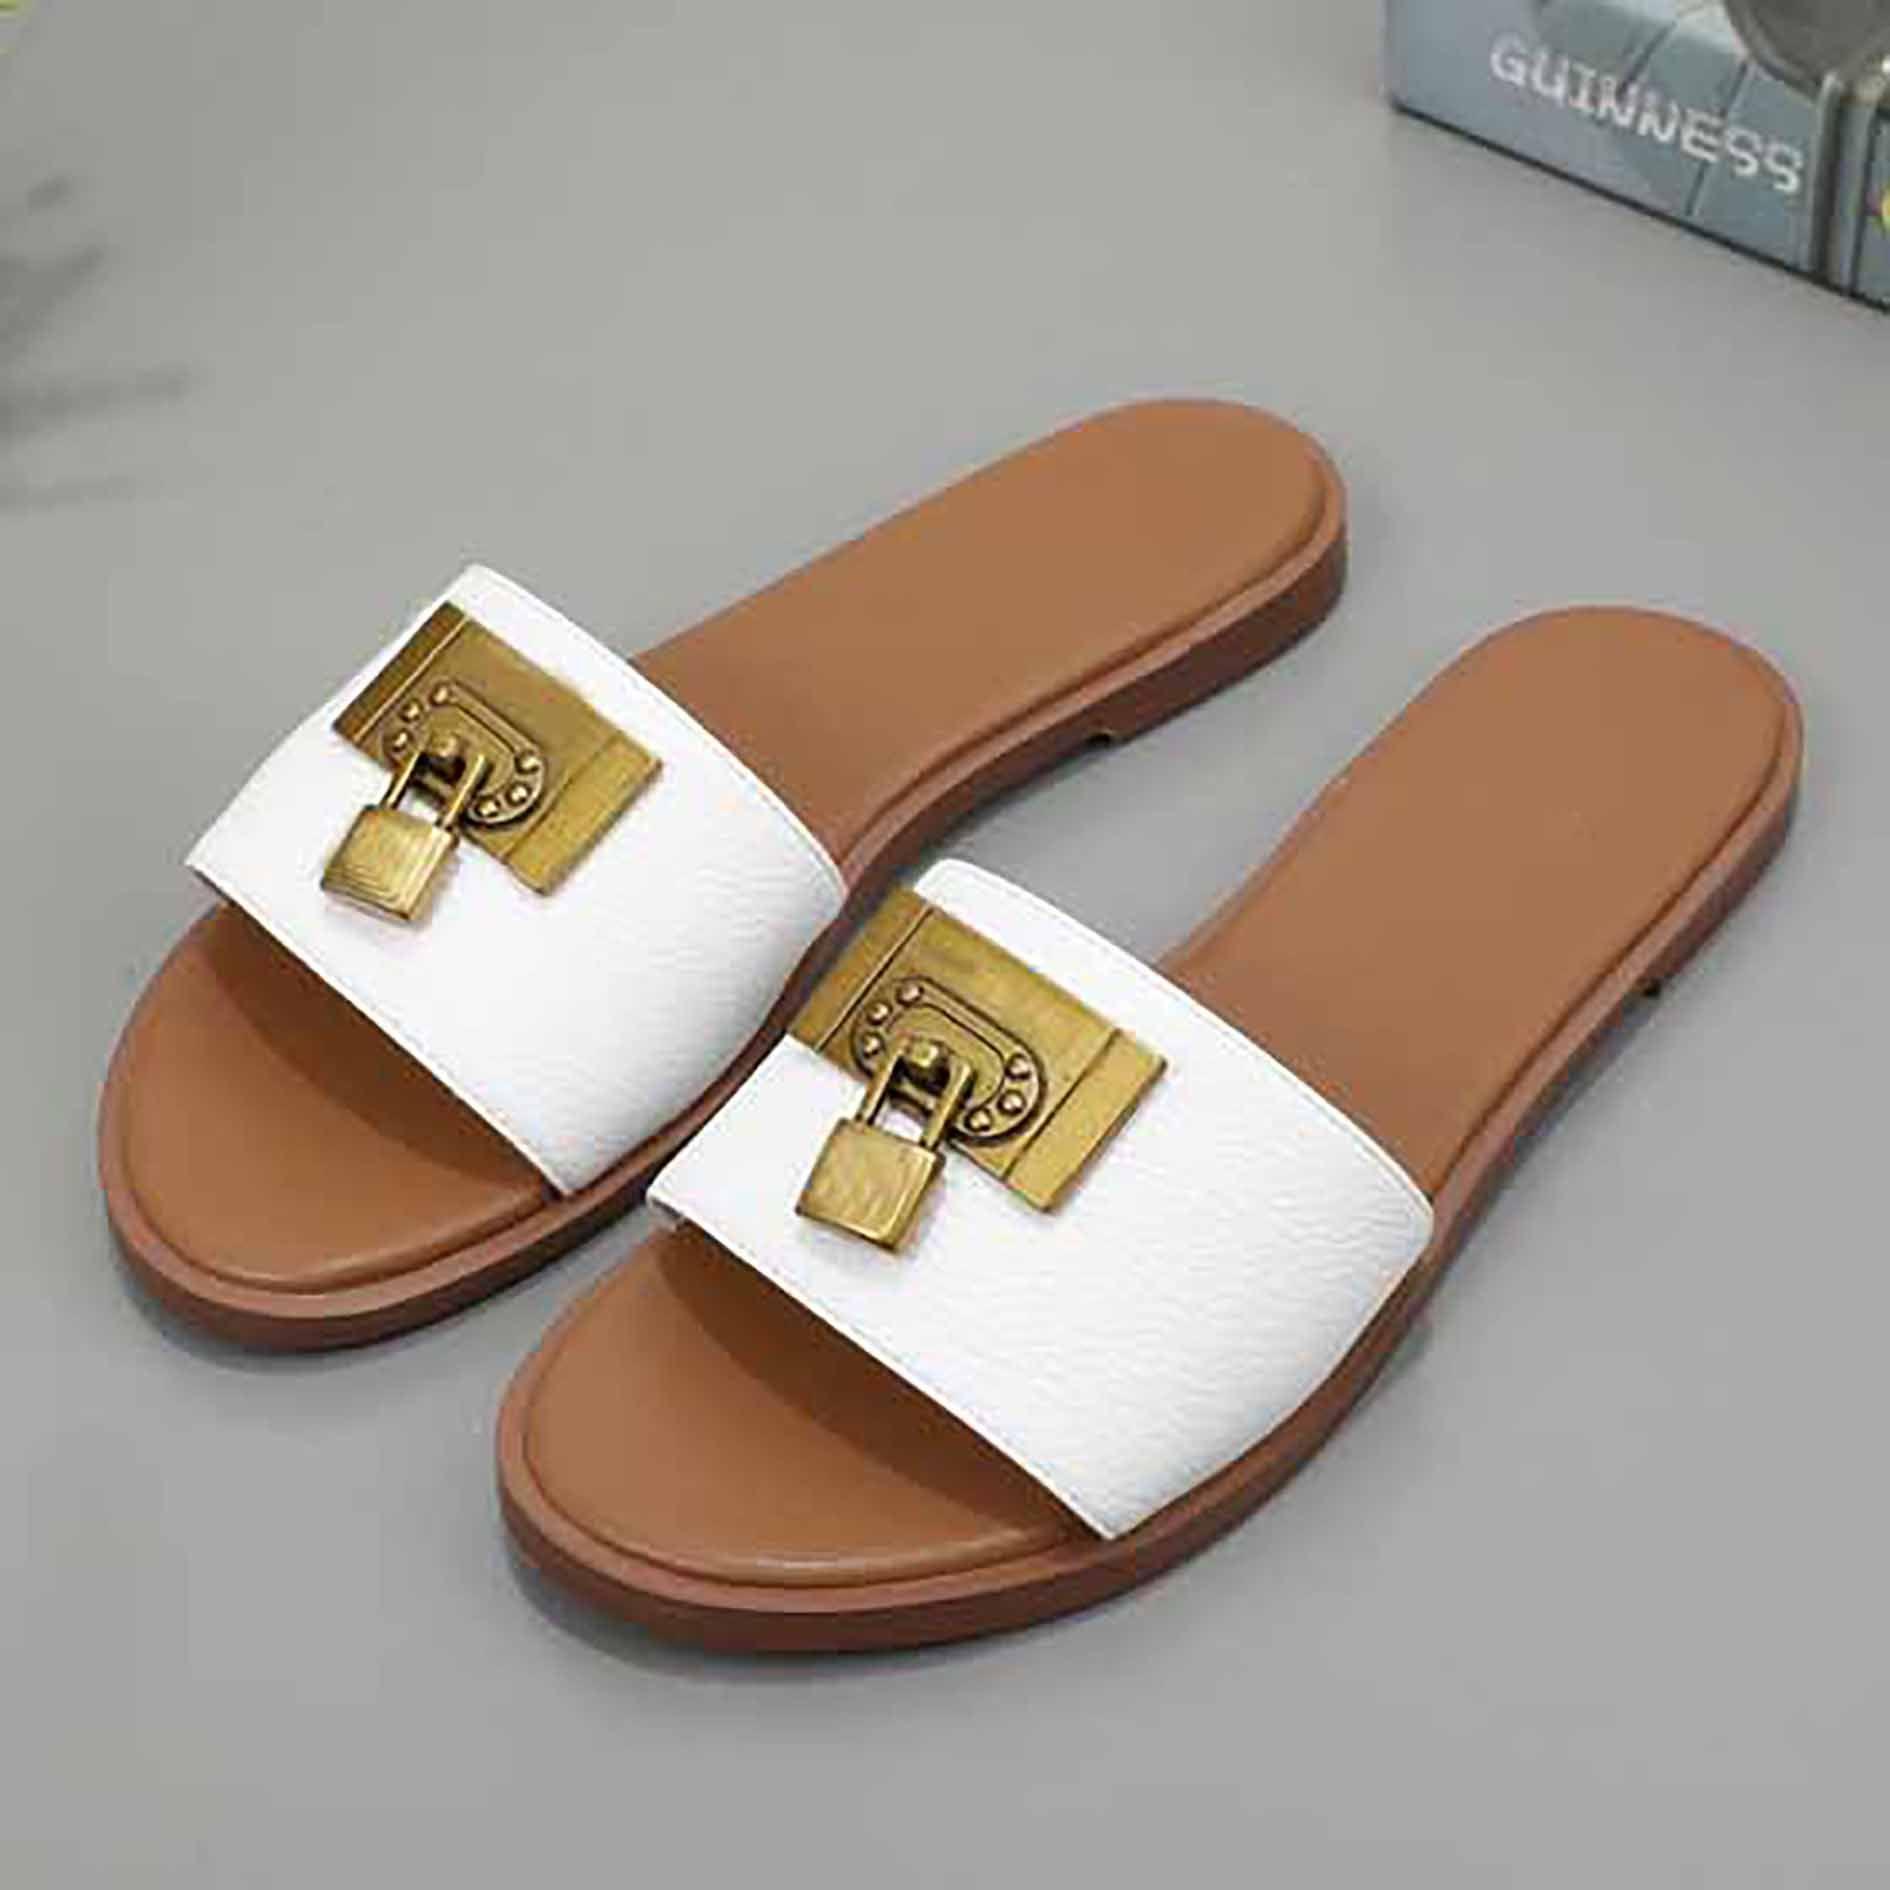 Moda de lujo para mujer zapatillas Sandalia importada haya Sole Crystal Becerro Cuero Plataforma acolchada Sandalias Sandalias Piso Sandalias 35-42